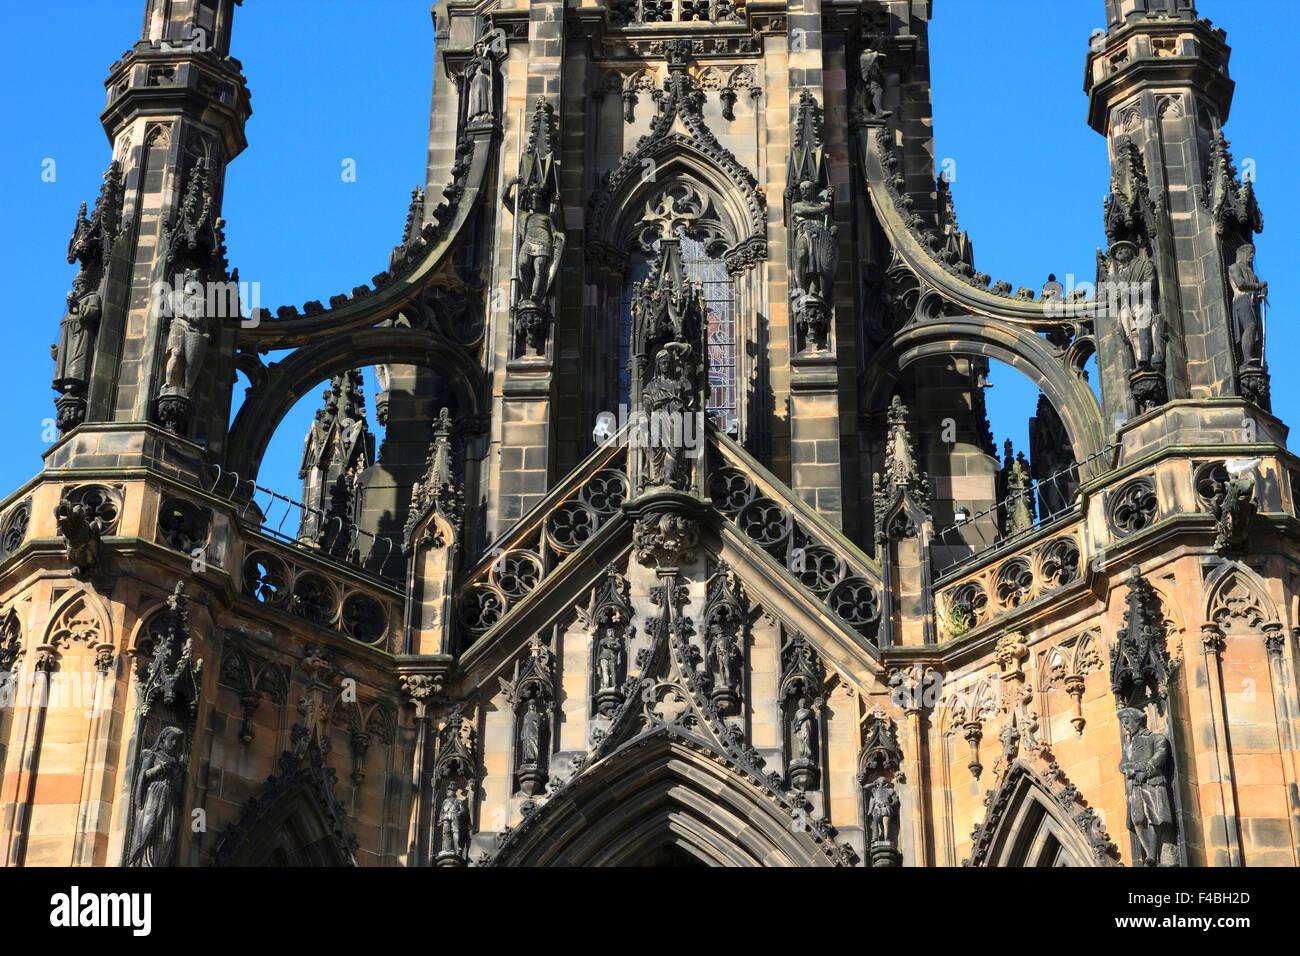 Dettaglio della sezione centrale del monumento di Scott a Edimburgo, Scozia. Immagini Stock